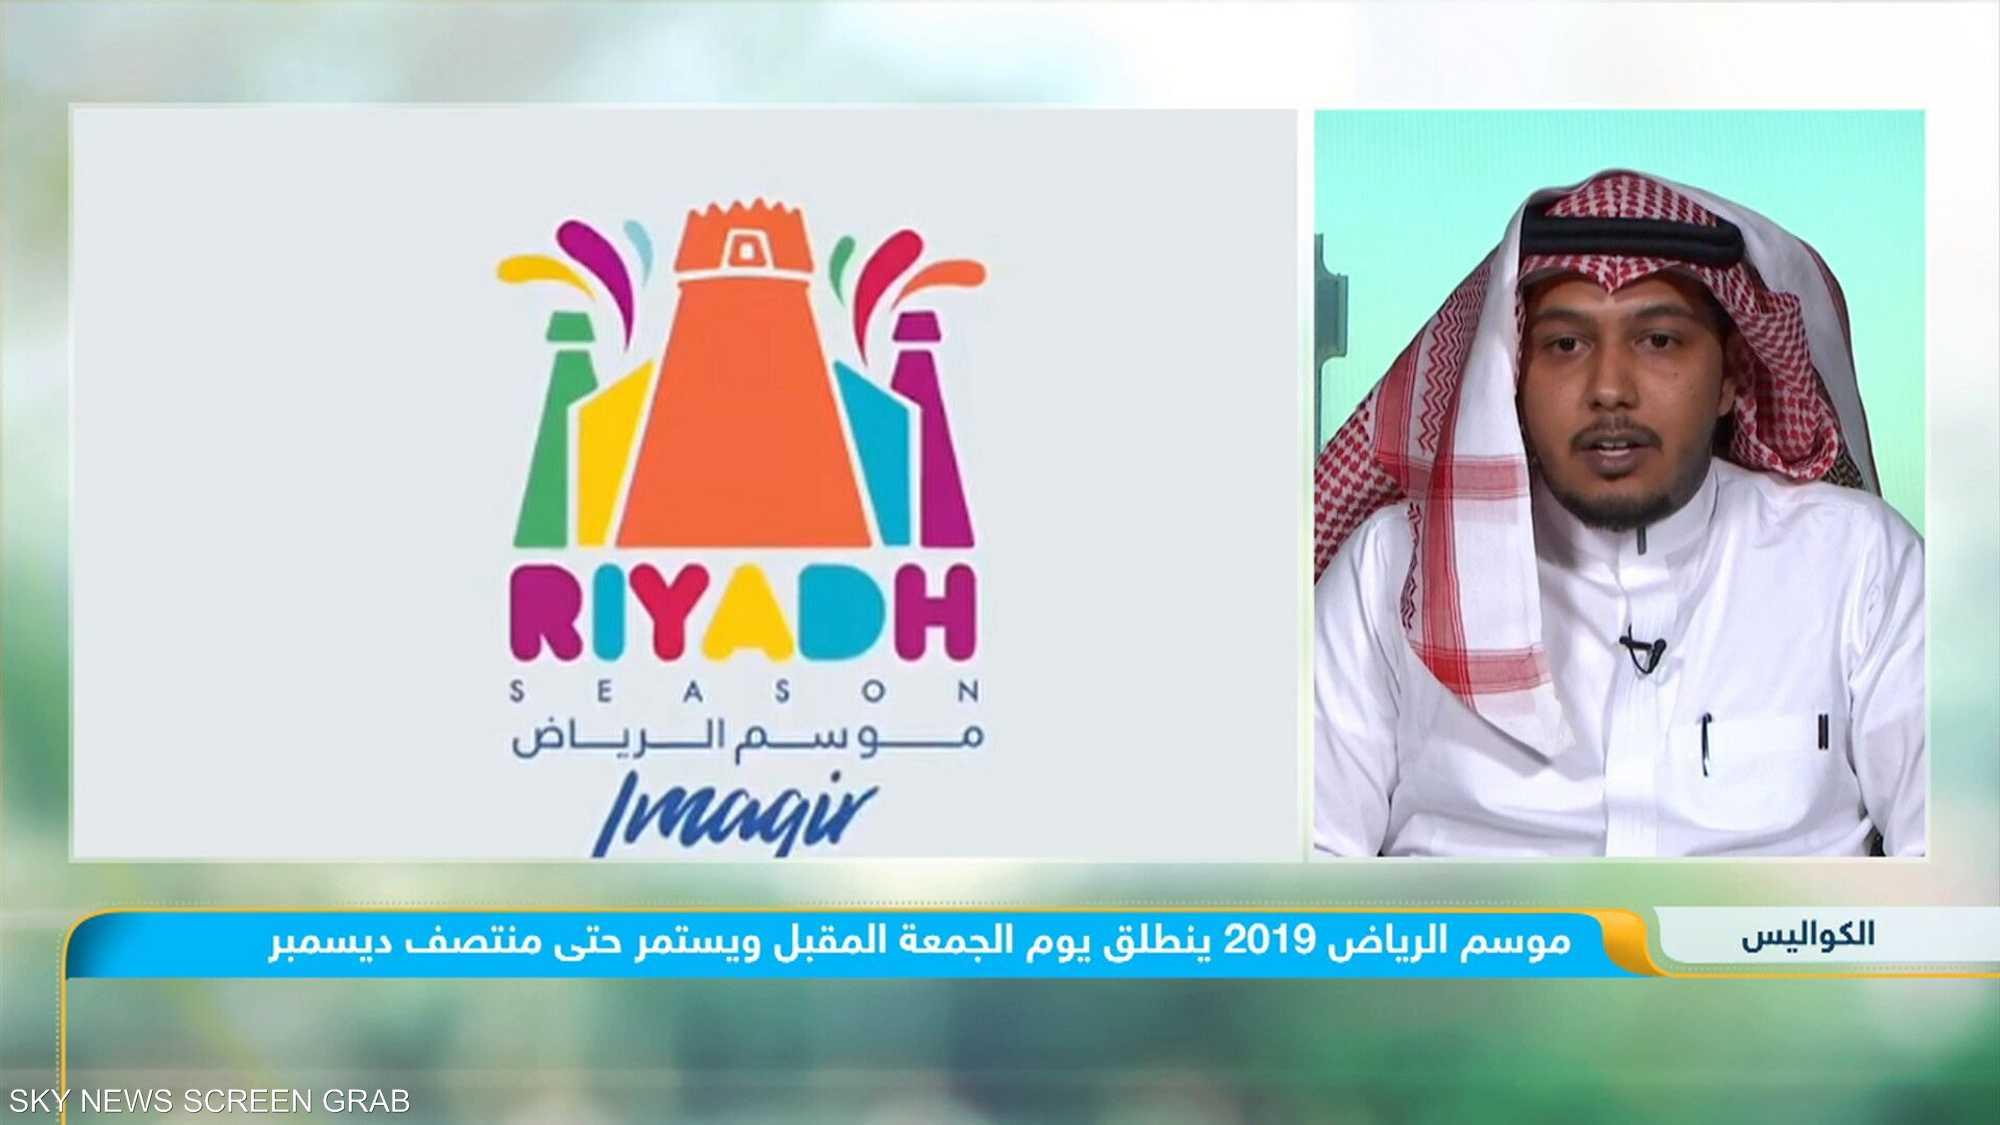 موسم الرياض 2019 ينطلق الجمعة المقبل